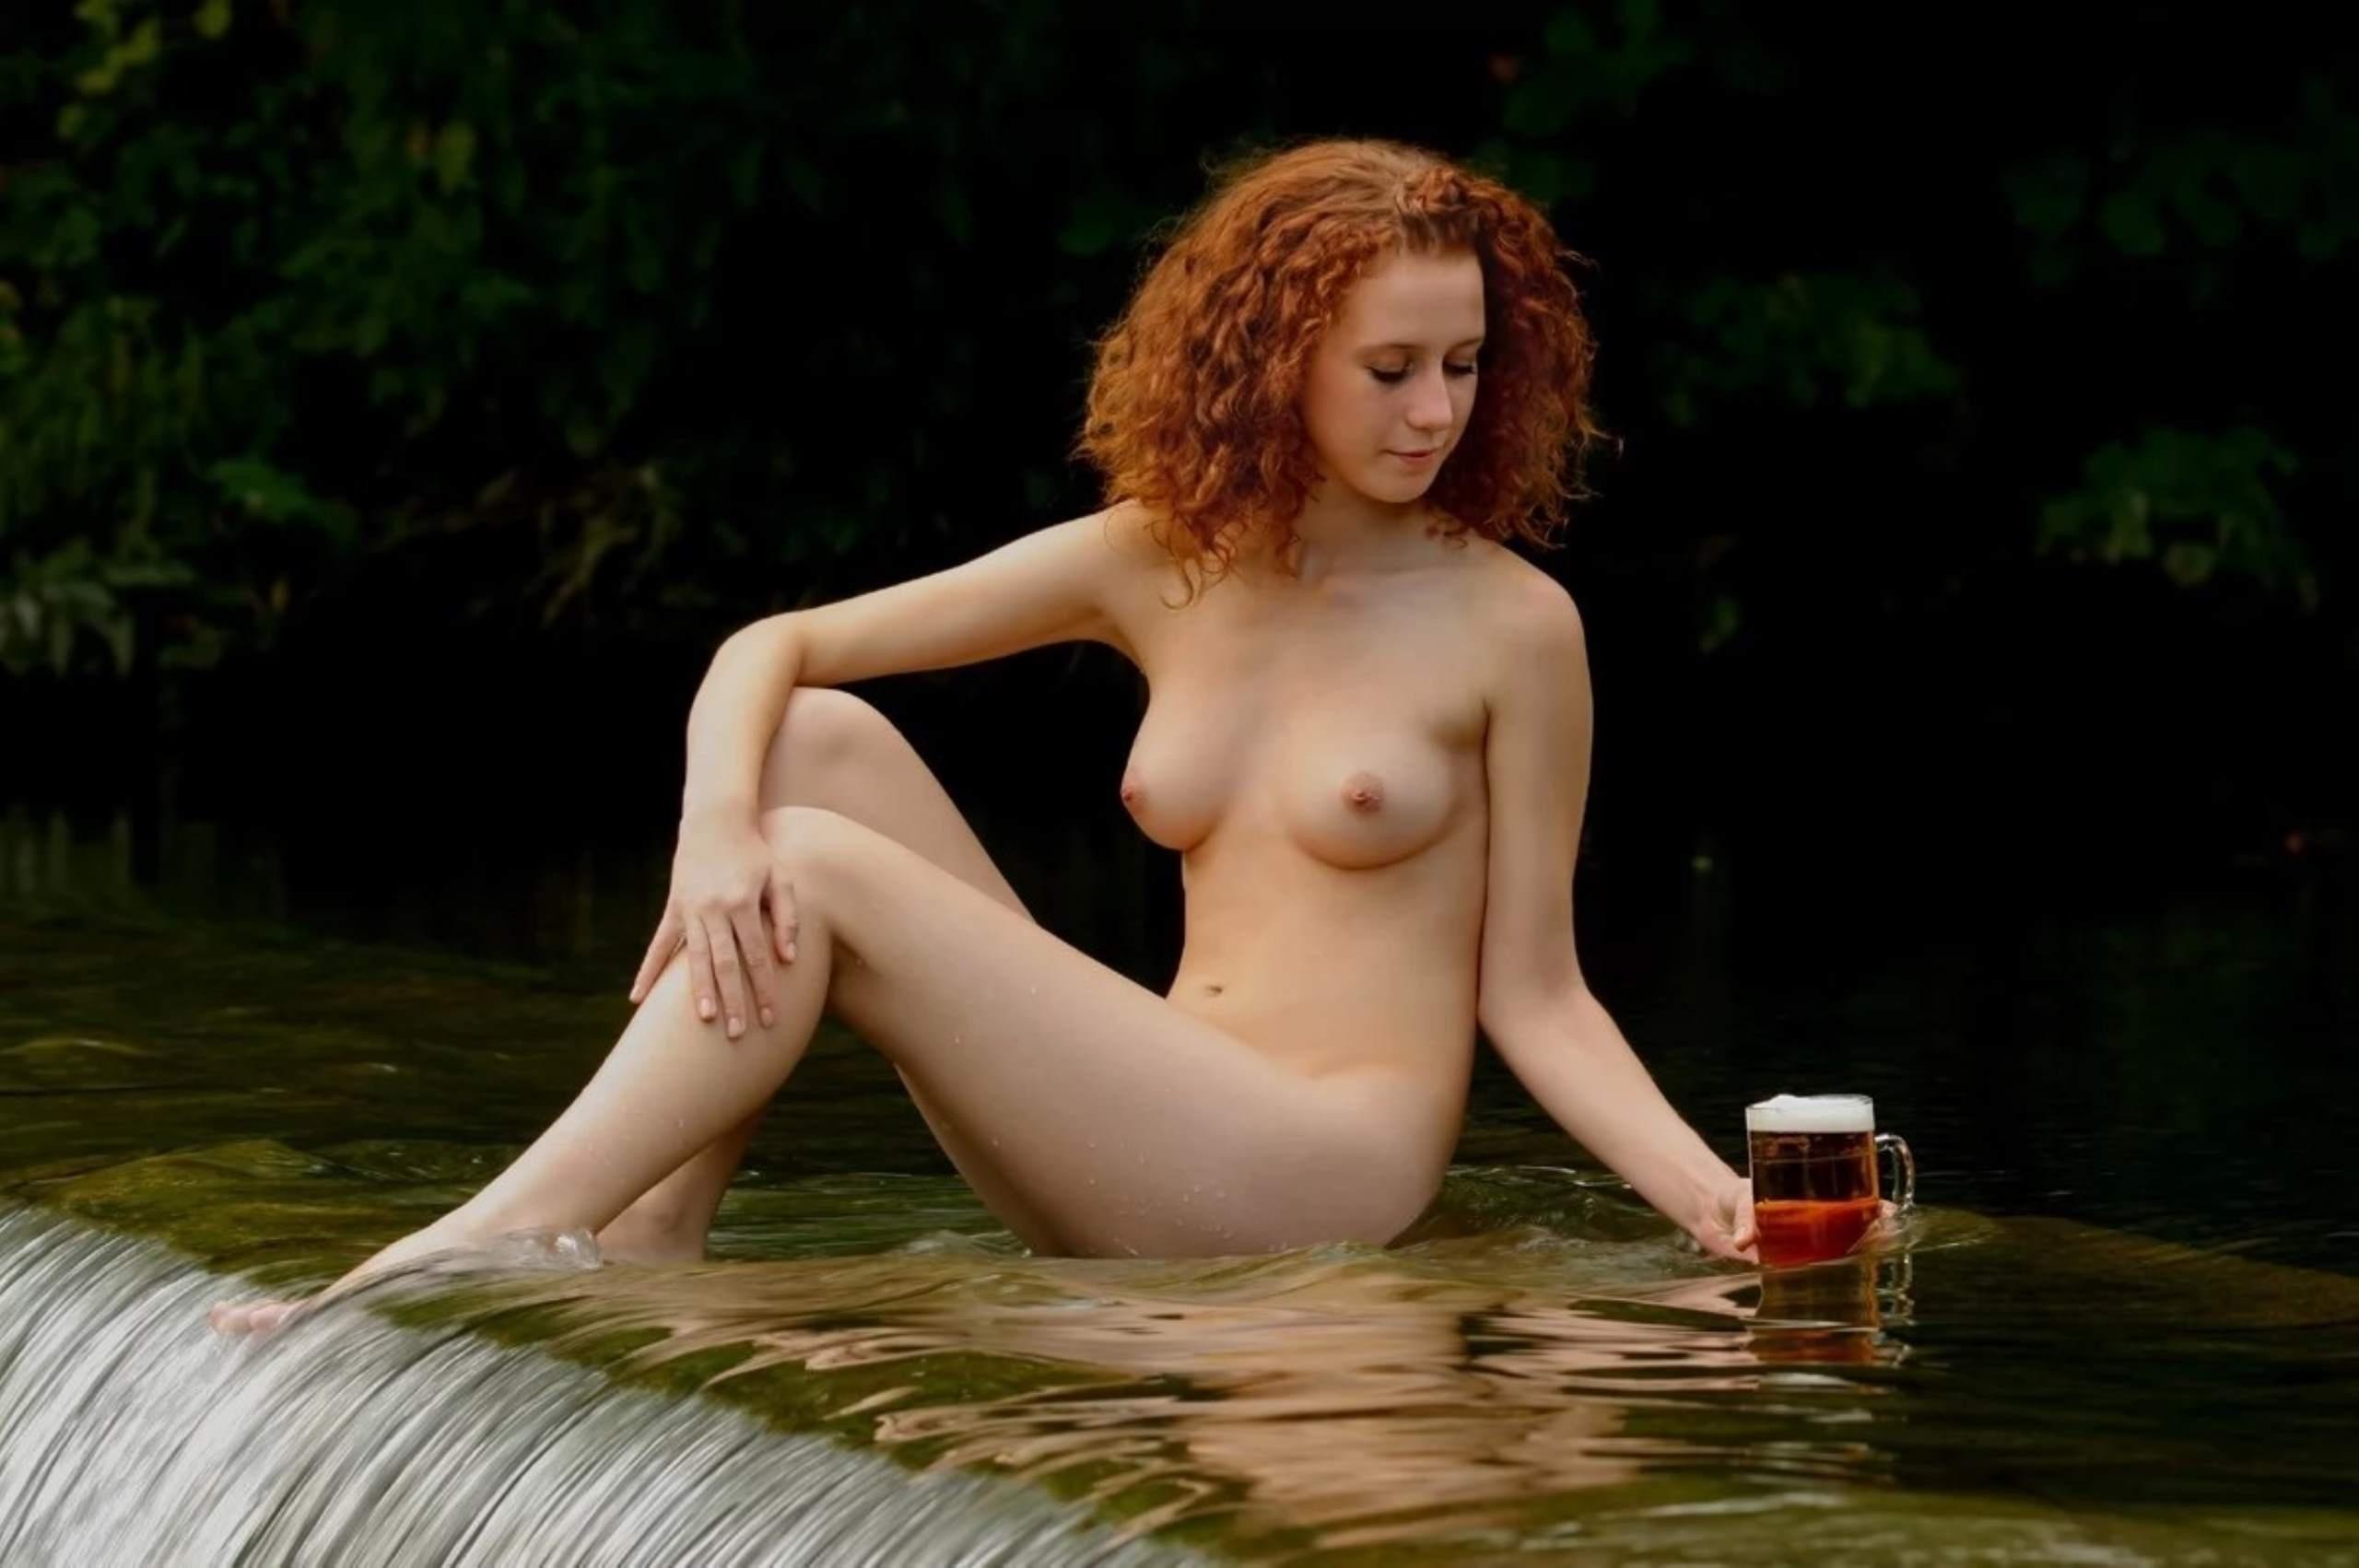 Beer girl naked